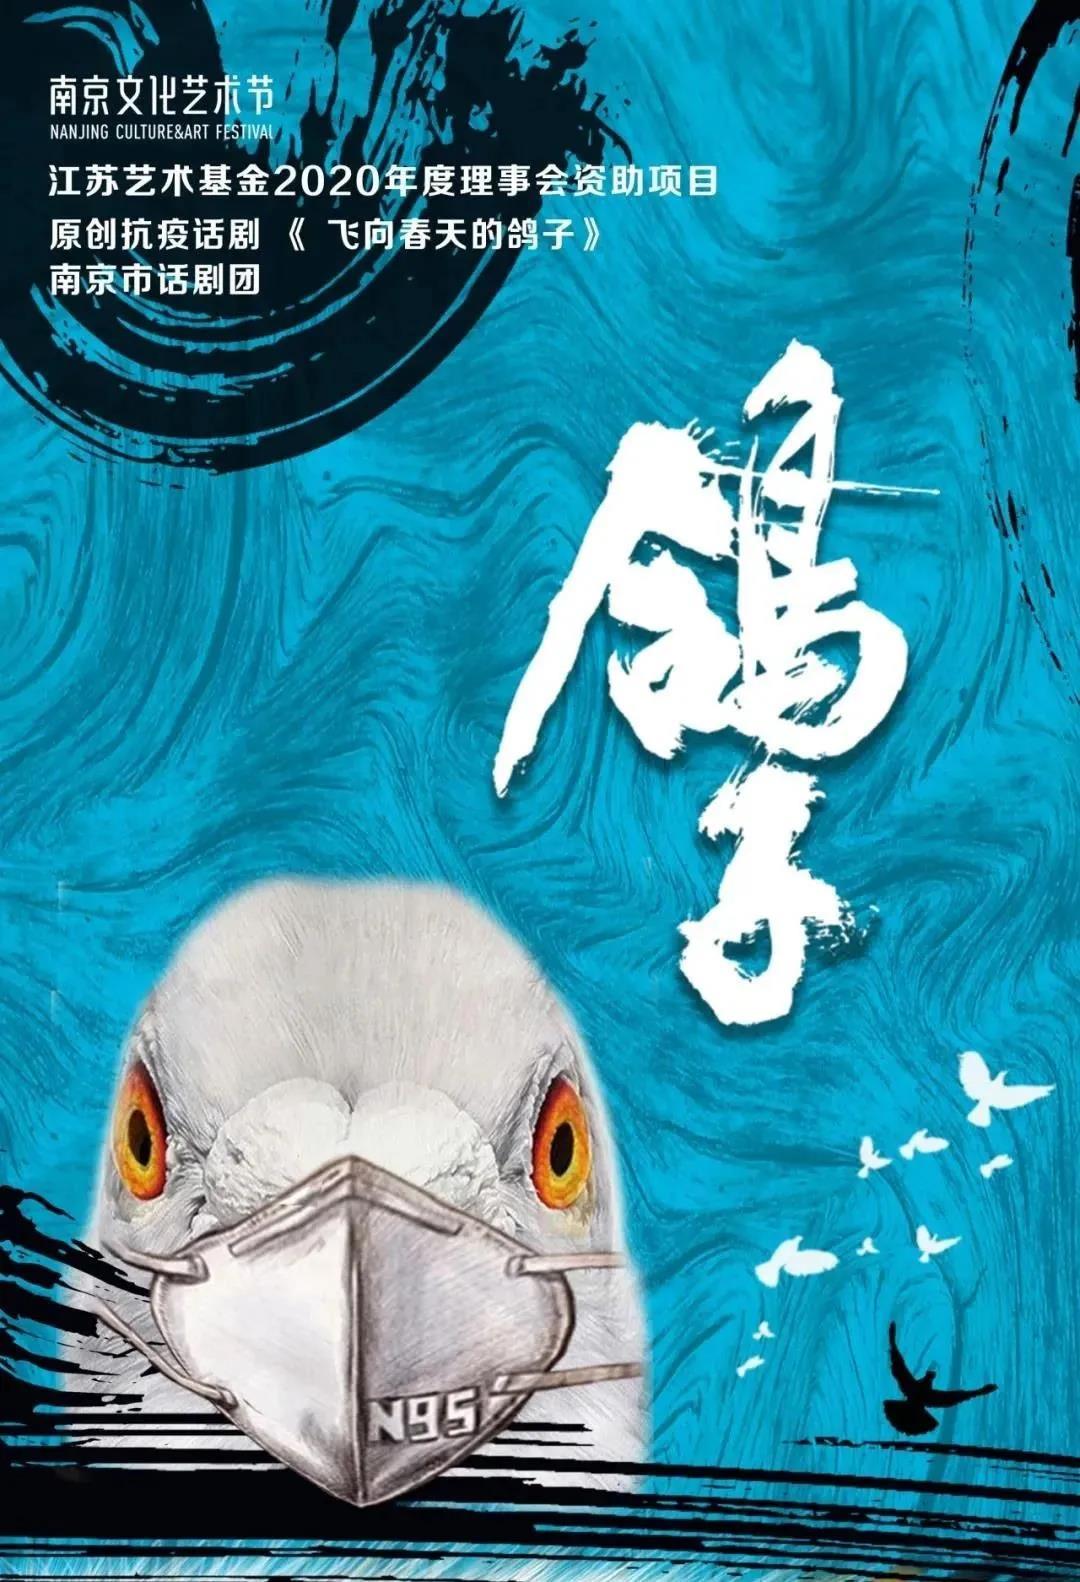 美好可期|钟南山院士向南京市话剧团《飞向春天的鸽子》发来寄语